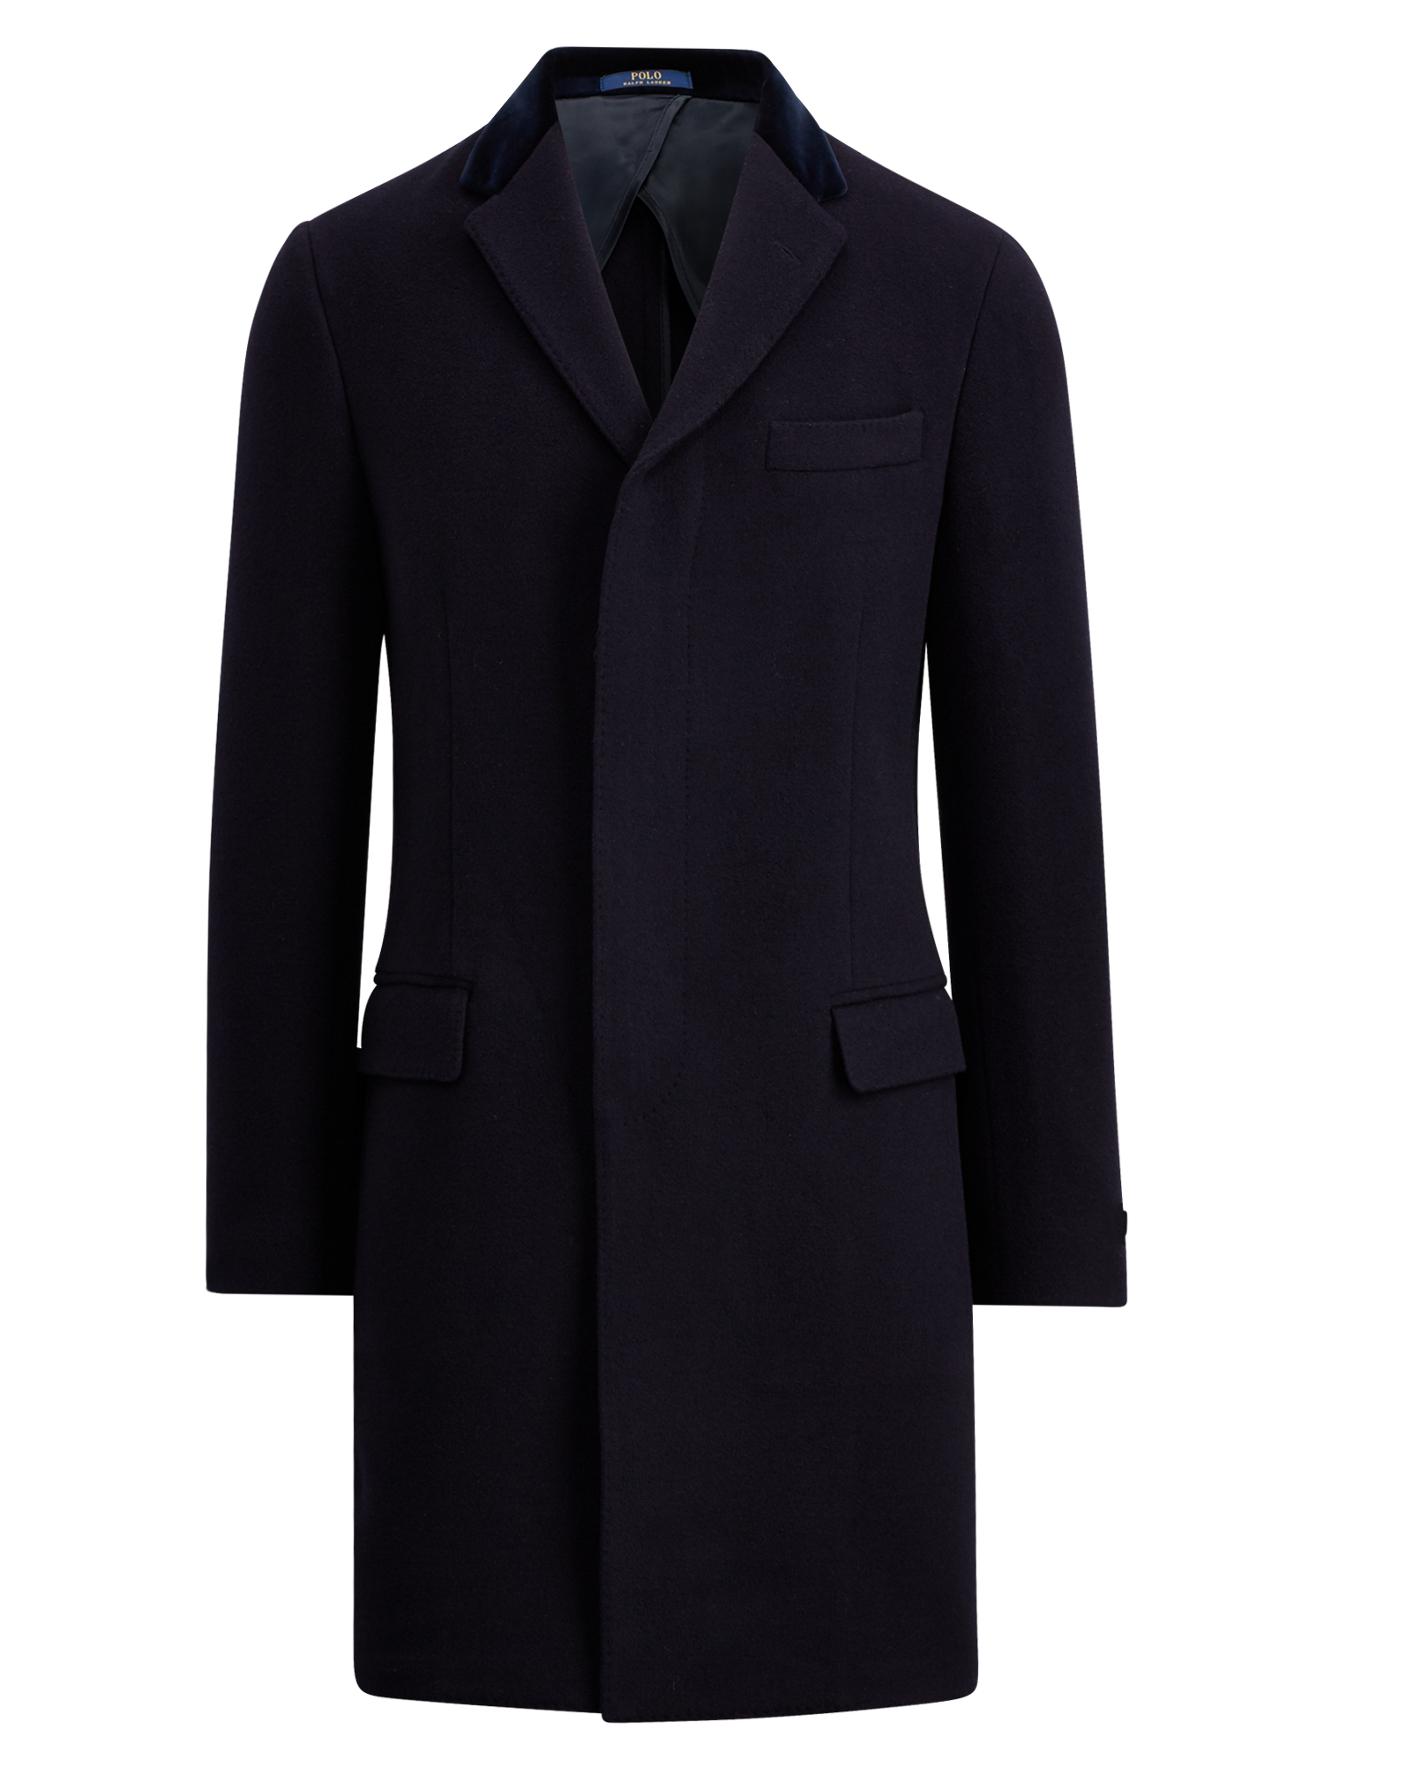 Mens overcoat sale